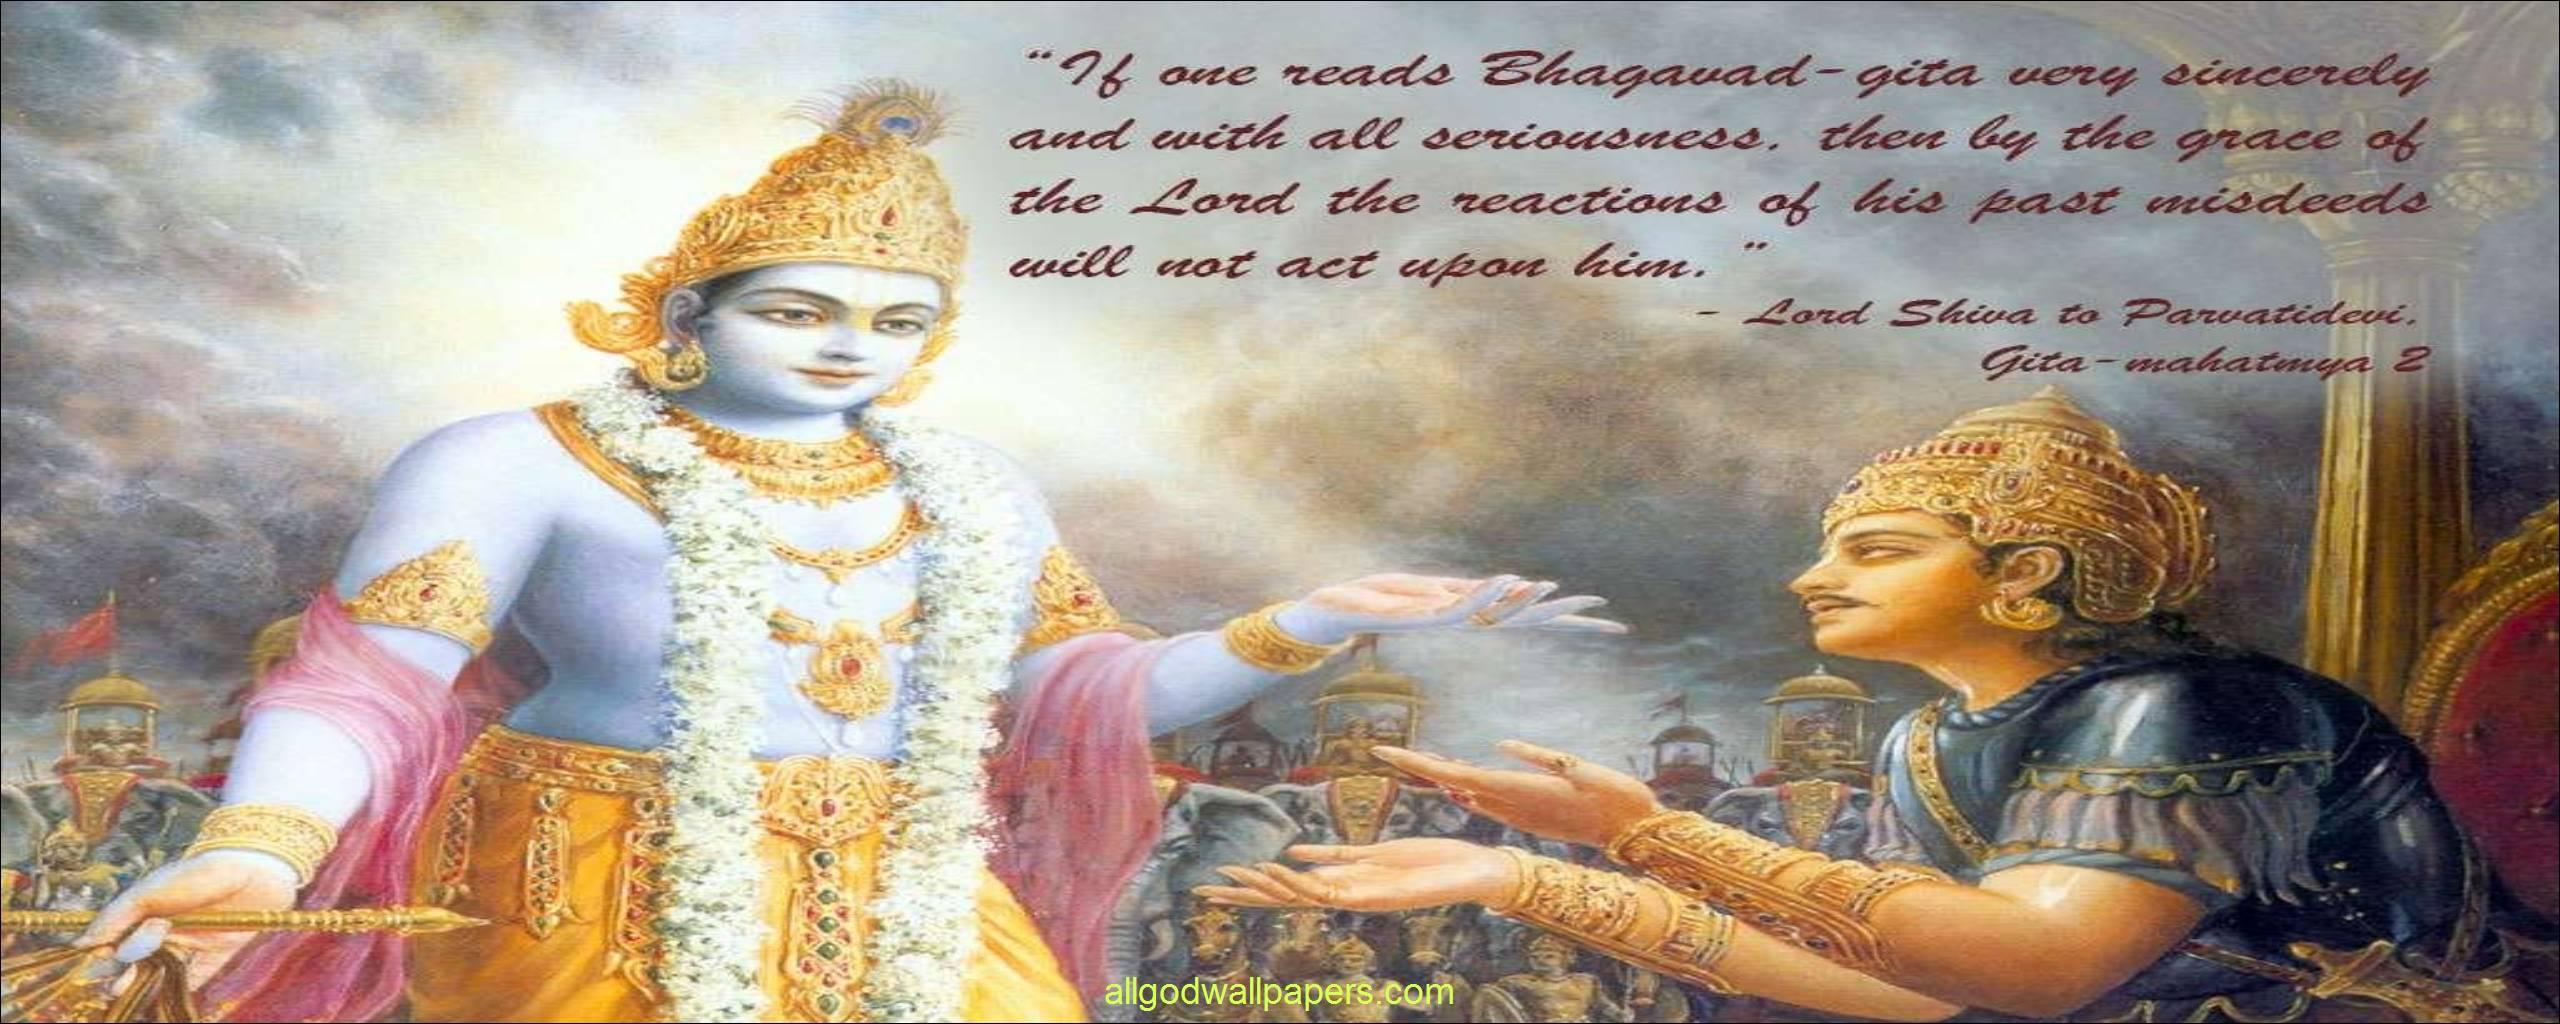 original bhagavad gita pdf in hindi